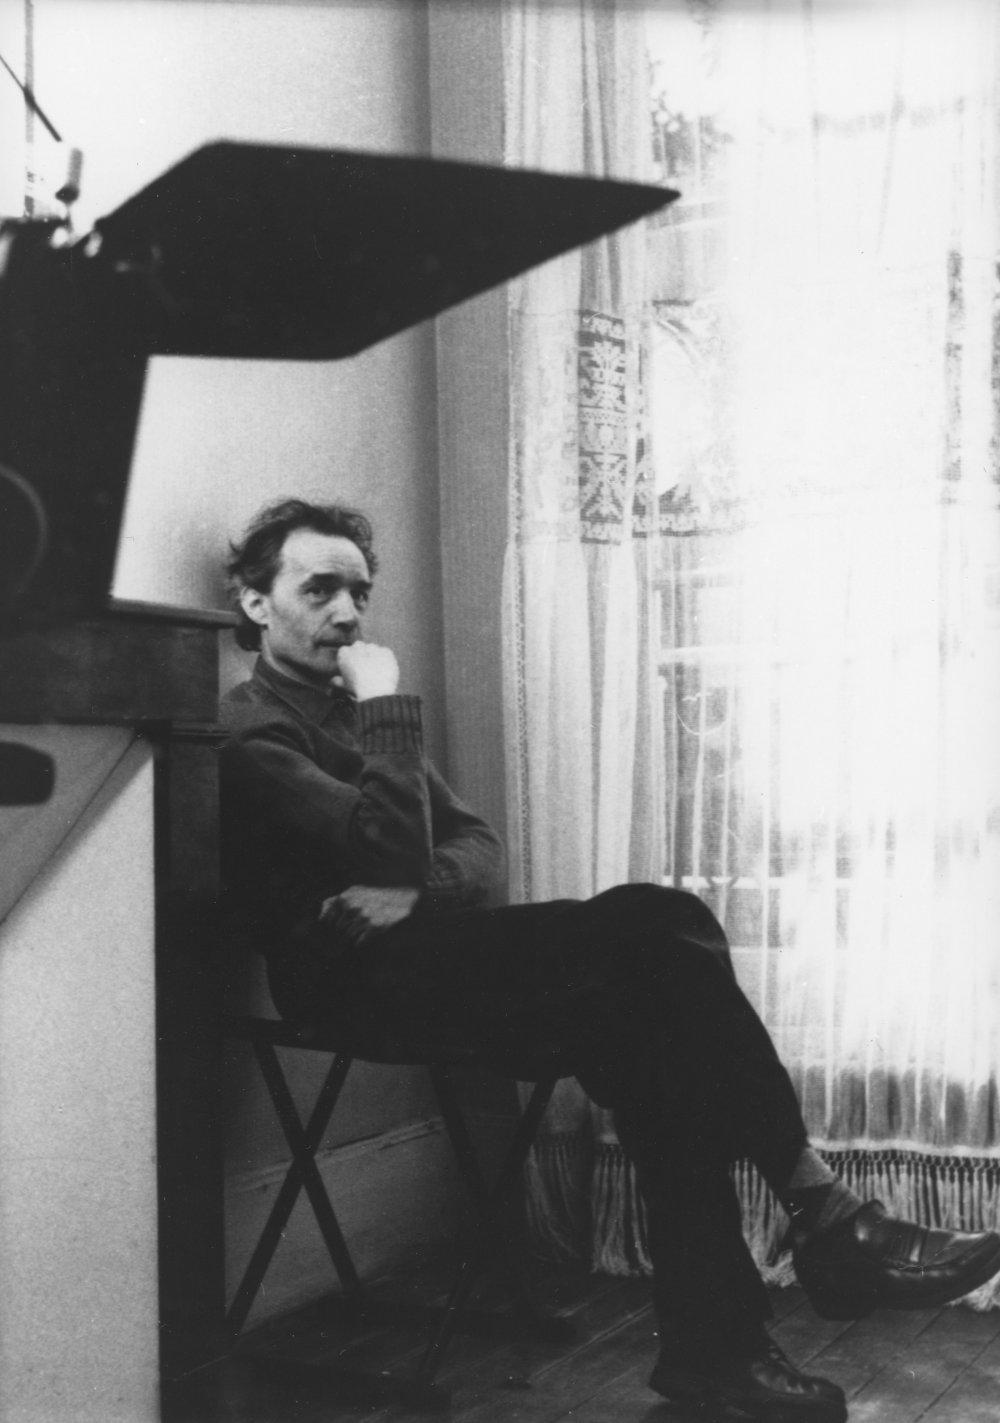 Jacques Rivette directing La Bande des quatre (1989)